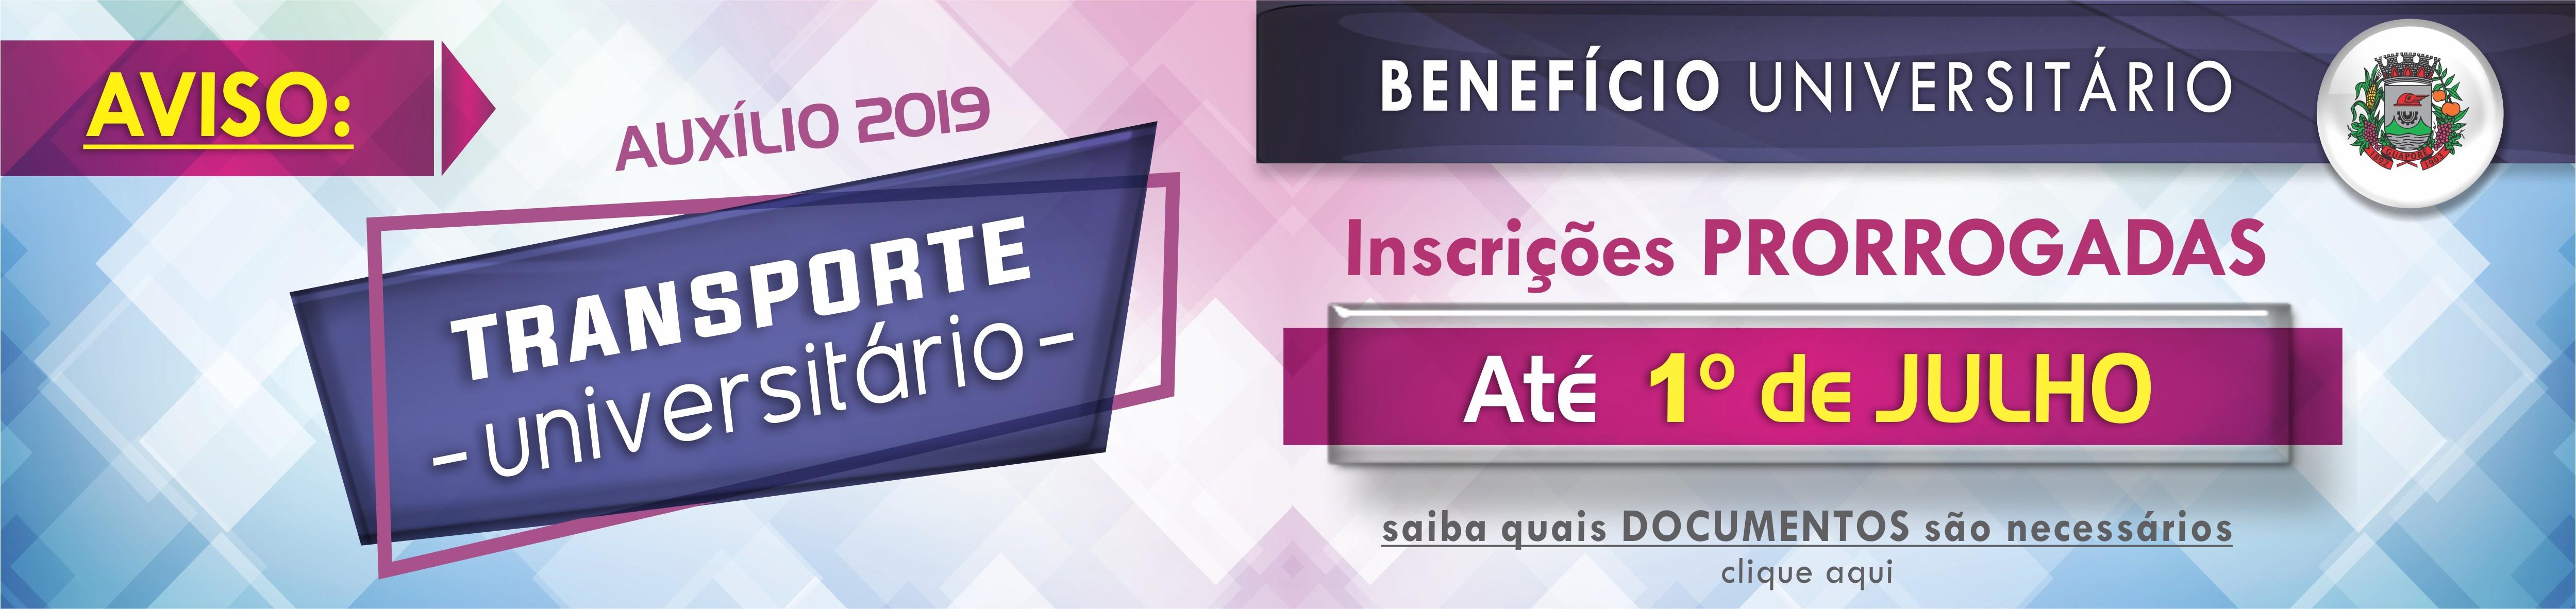 Banner 1 - Benefício Universitário 2